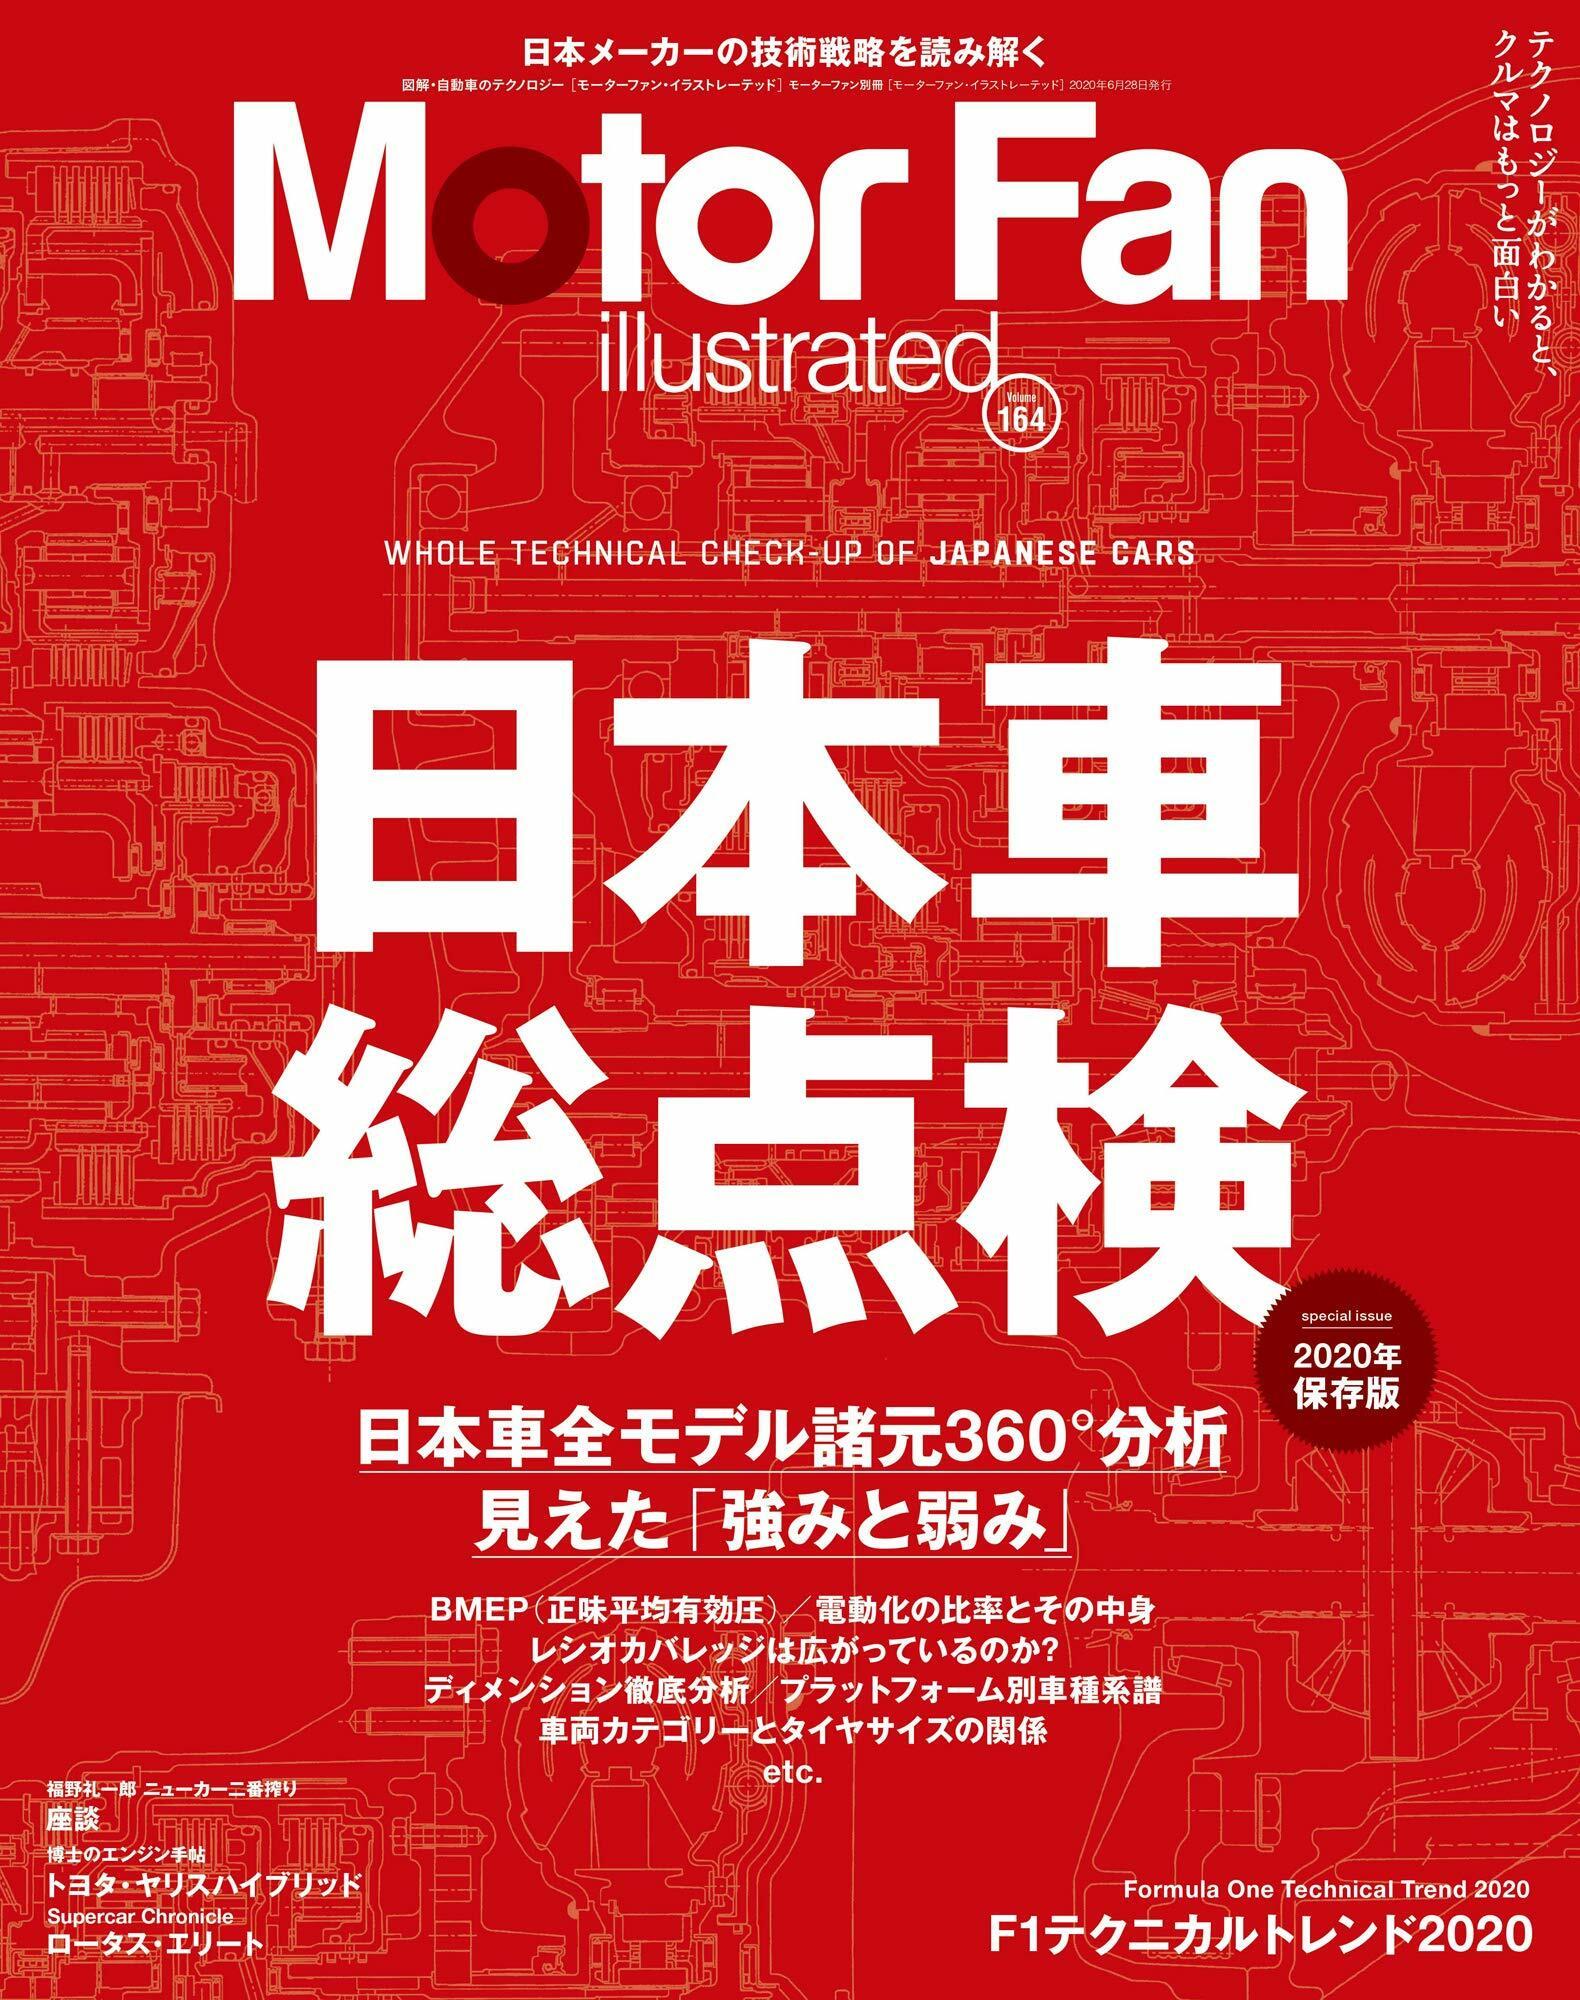 MOTOR FAN illustrated - モ-タ-ファンイラストレ-テッド - Vol.164 (モ-タ-ファン別冊)